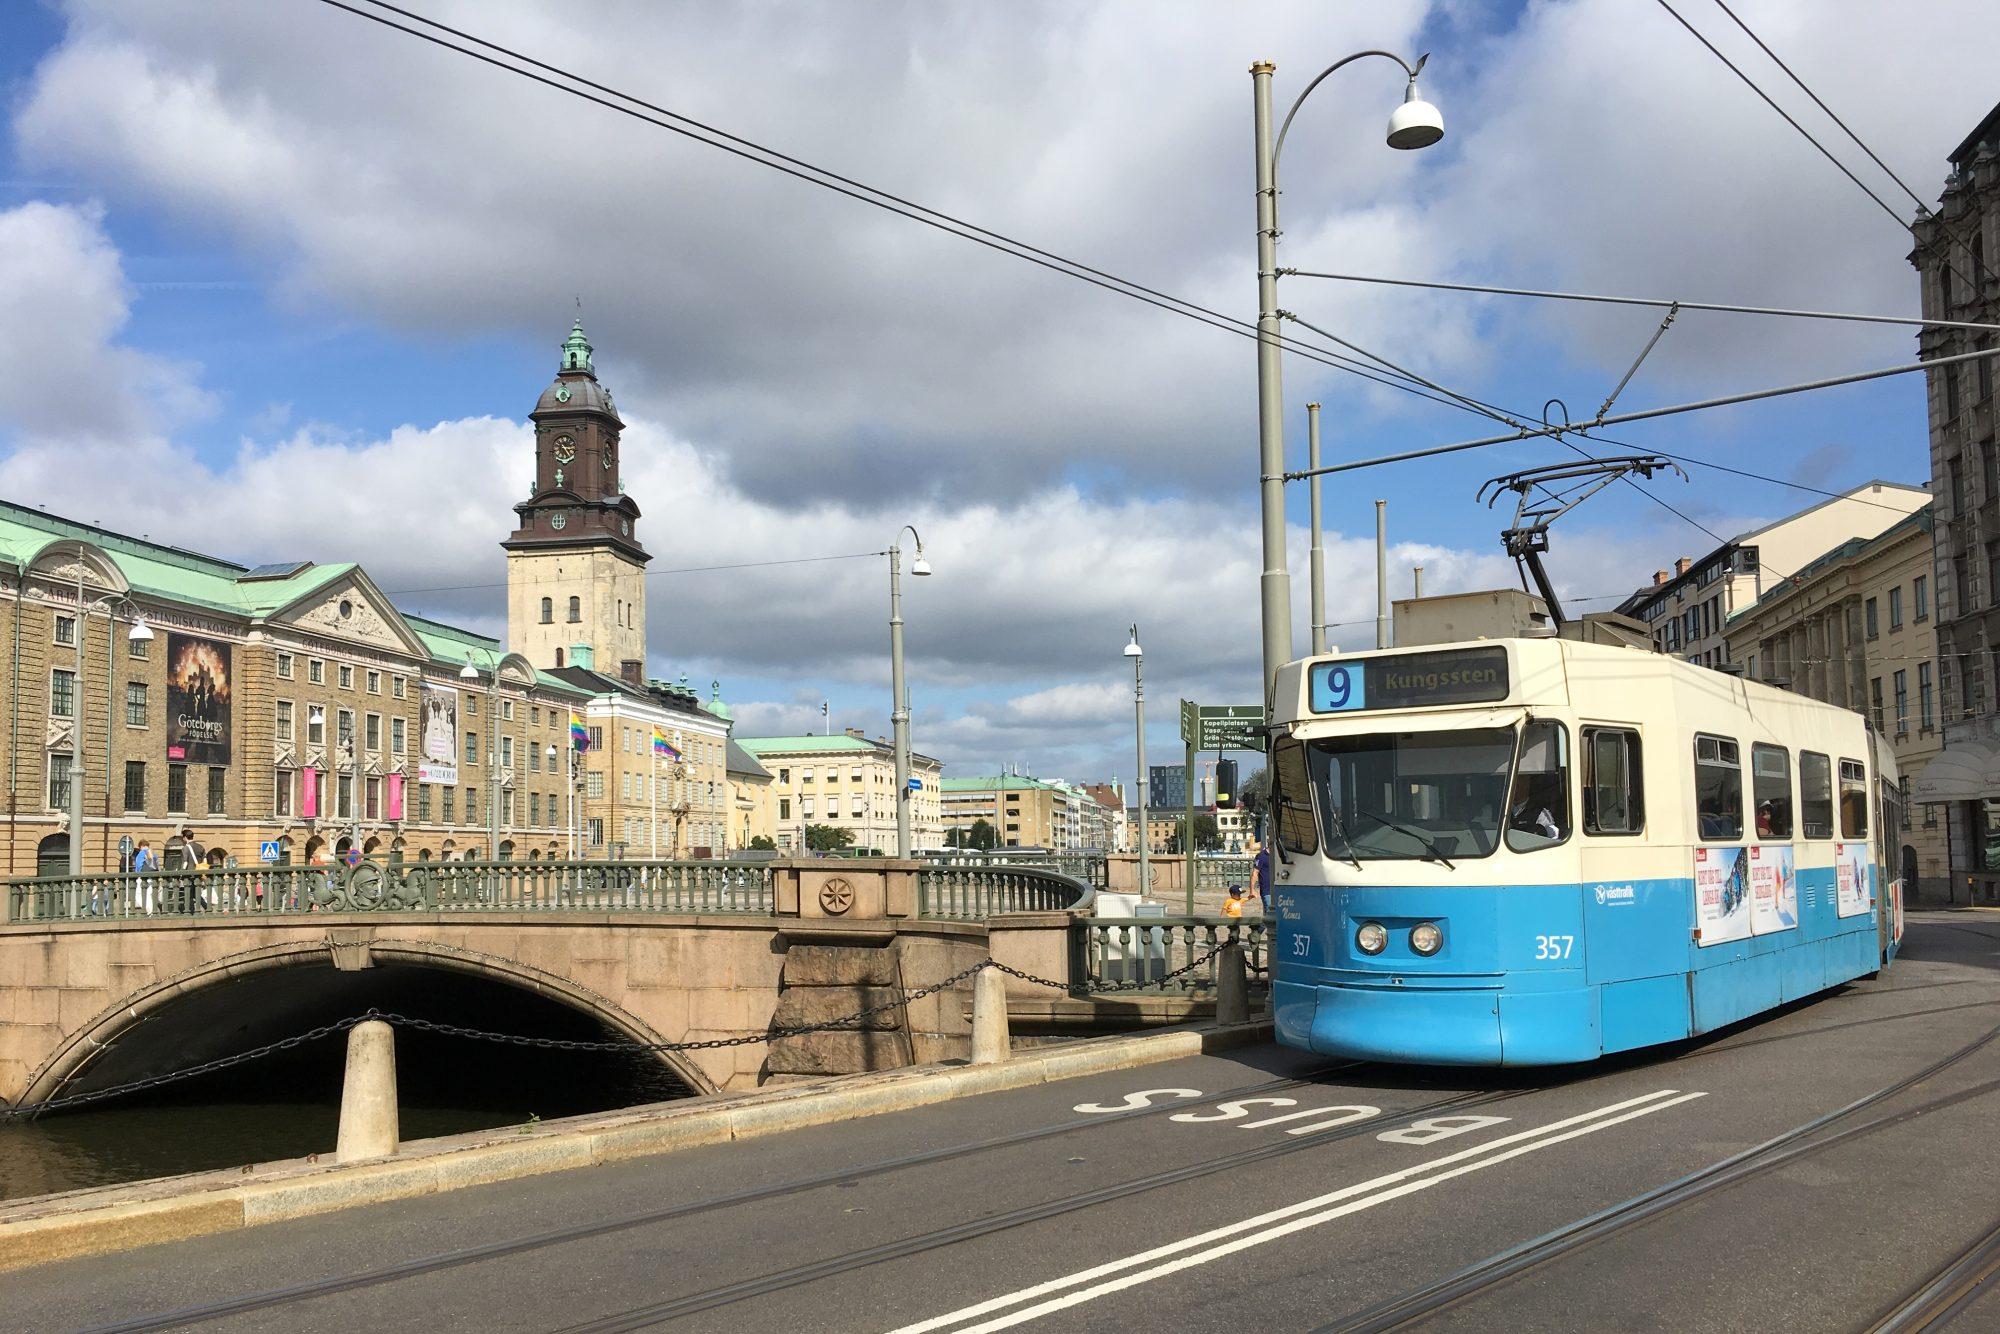 De blauw-witte trams waarvoor Göteborg bekend staat